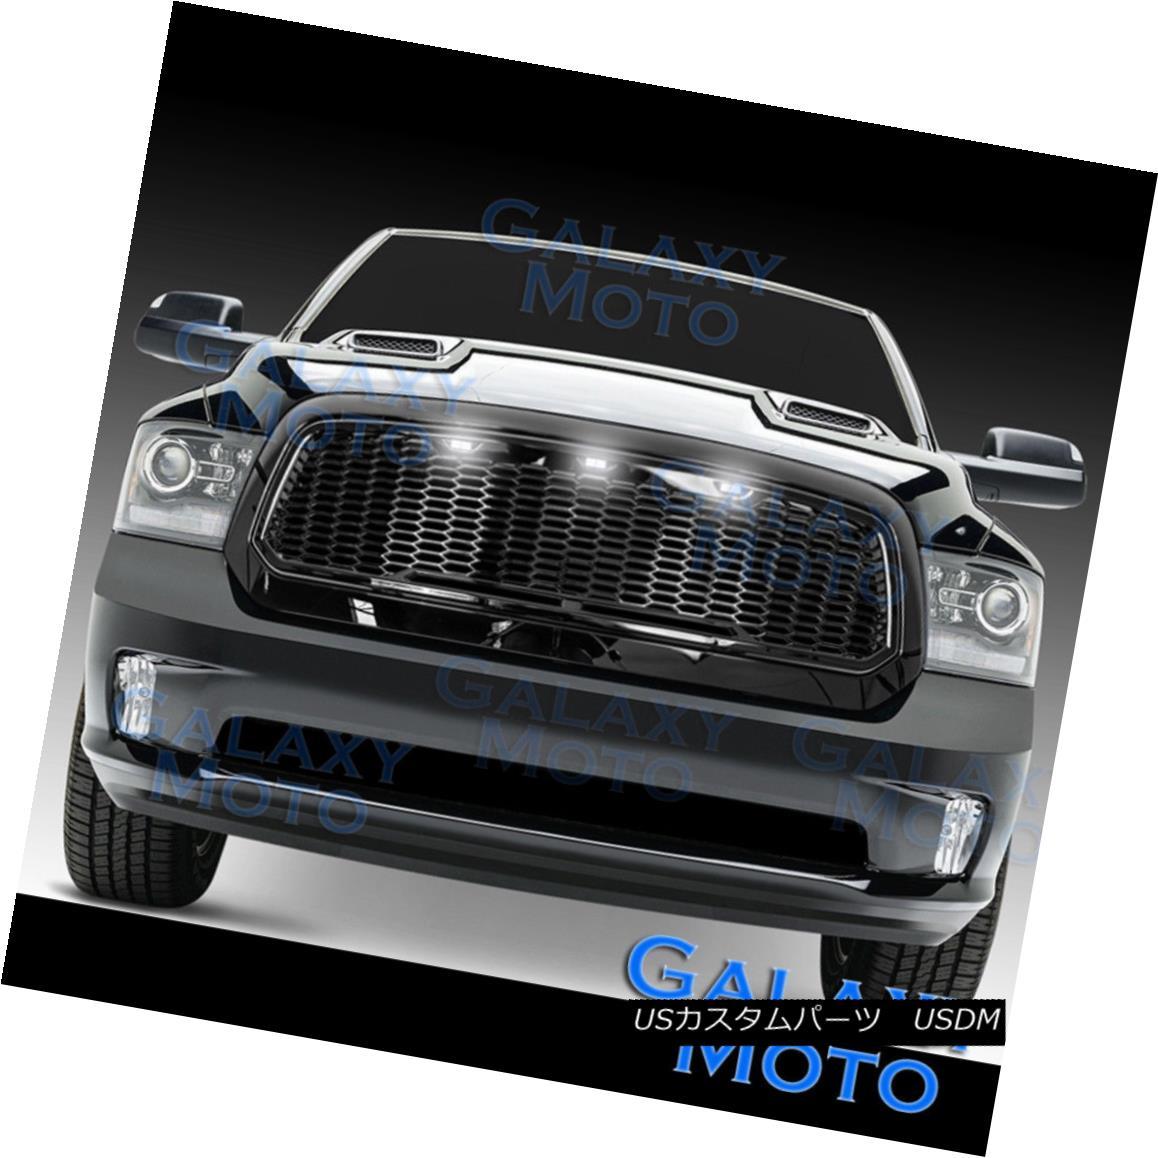 グリル 13-18 Dodge RAM Raptor Style Gloss Black Replacement Mesh Grille+Shell+White LED 13-18ドッジRAMラプタースタイルグロスブラック交換メッシュグリル+シェル+ W hite LED